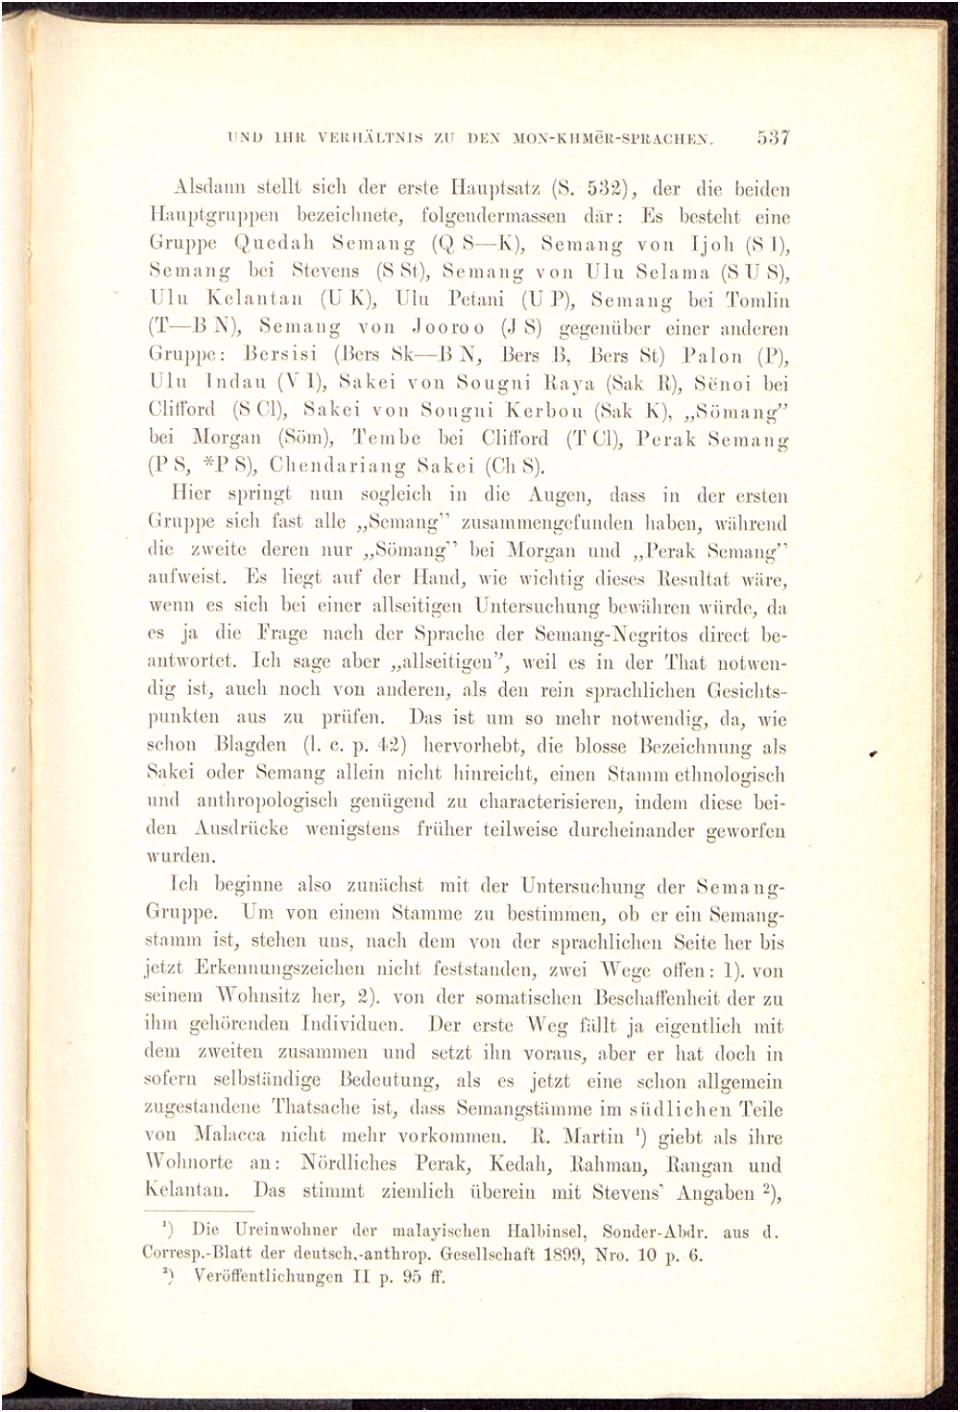 Een Hart Van Boombast Delpher Tijdschriften Bijdragen tot De Taal Land En Volkenkunde I4zu58gdb1 Bhzm4uolt5